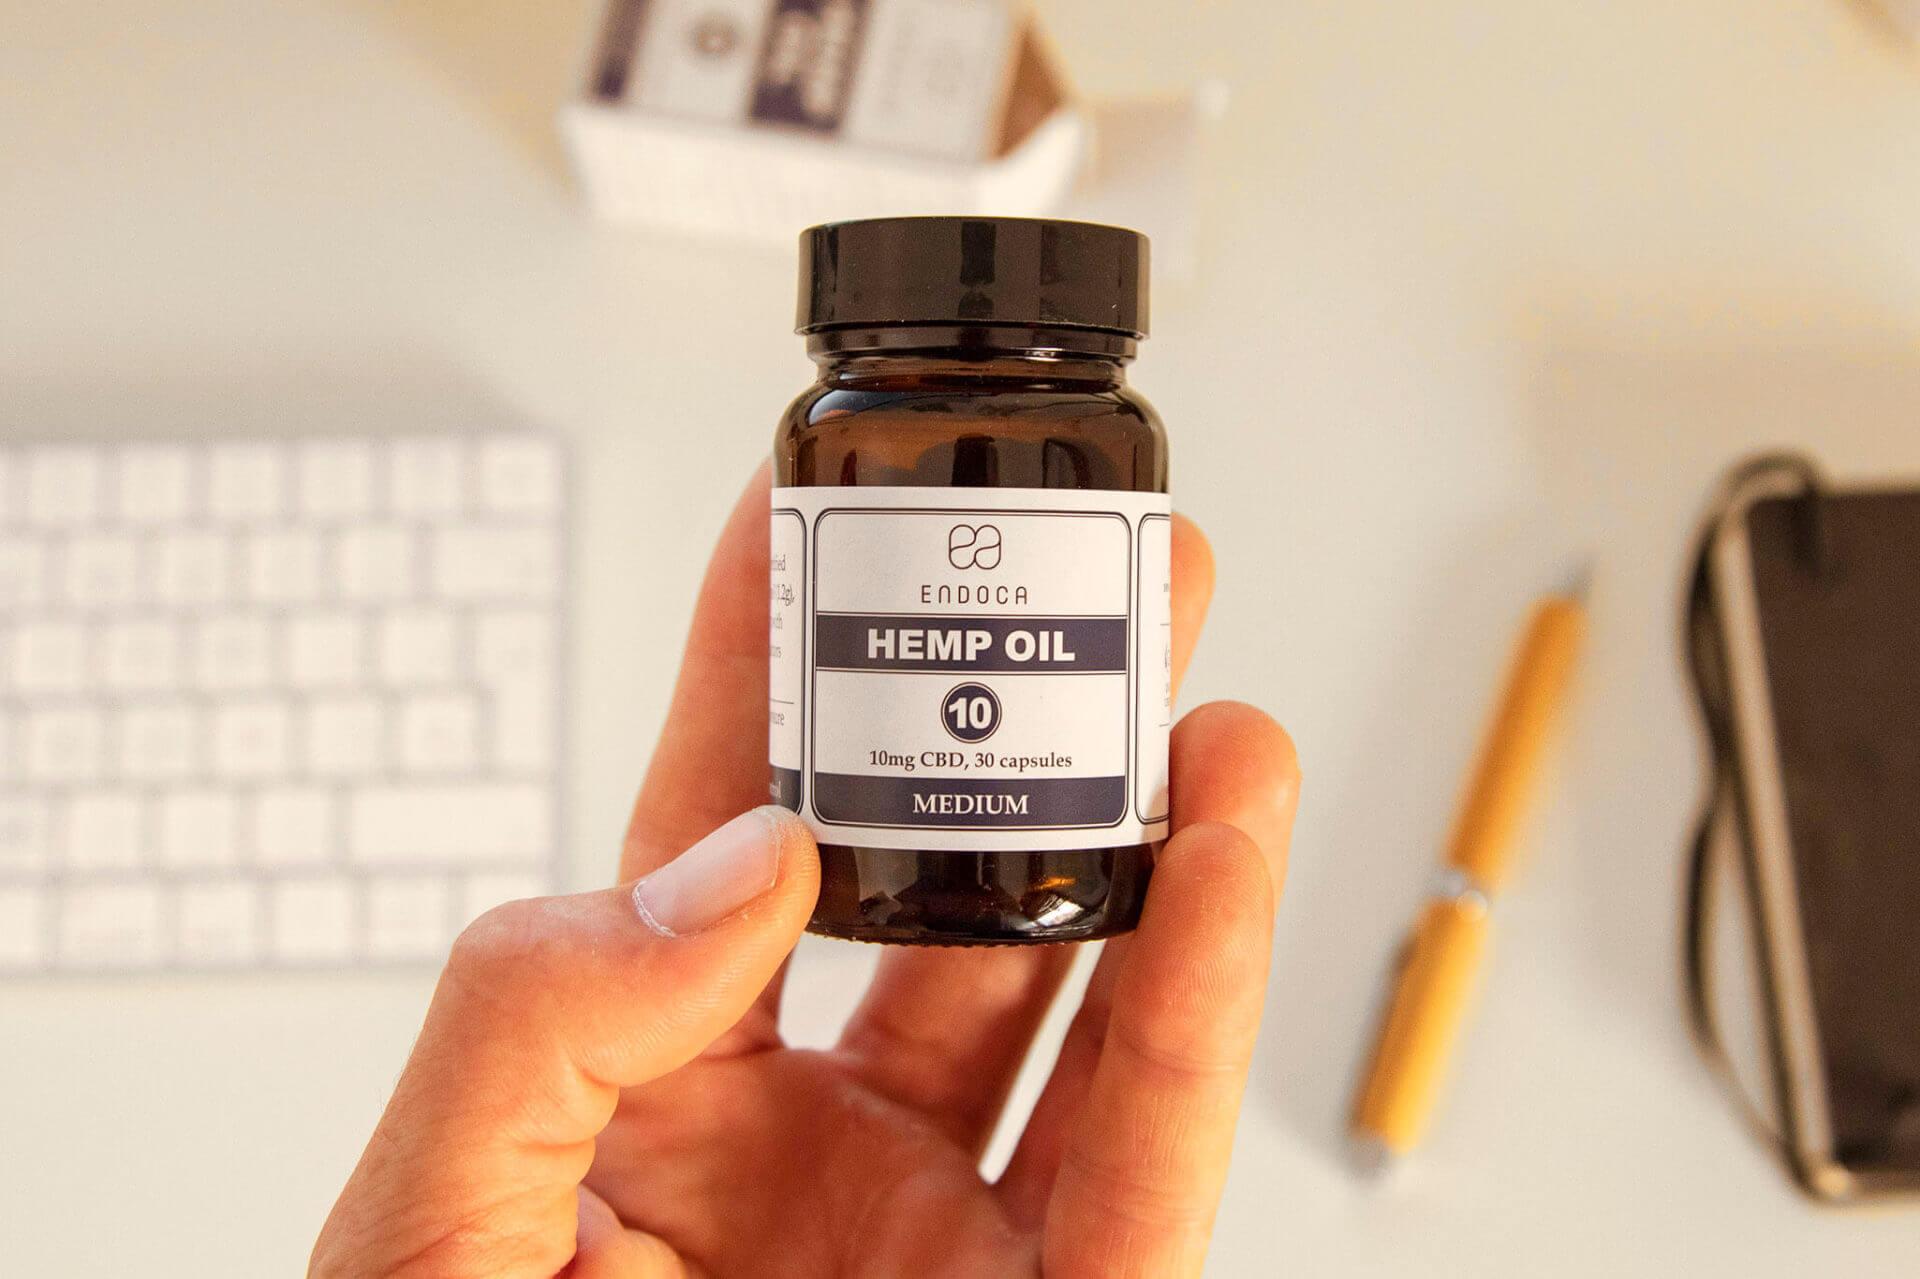 Endoca hemp oil capsules